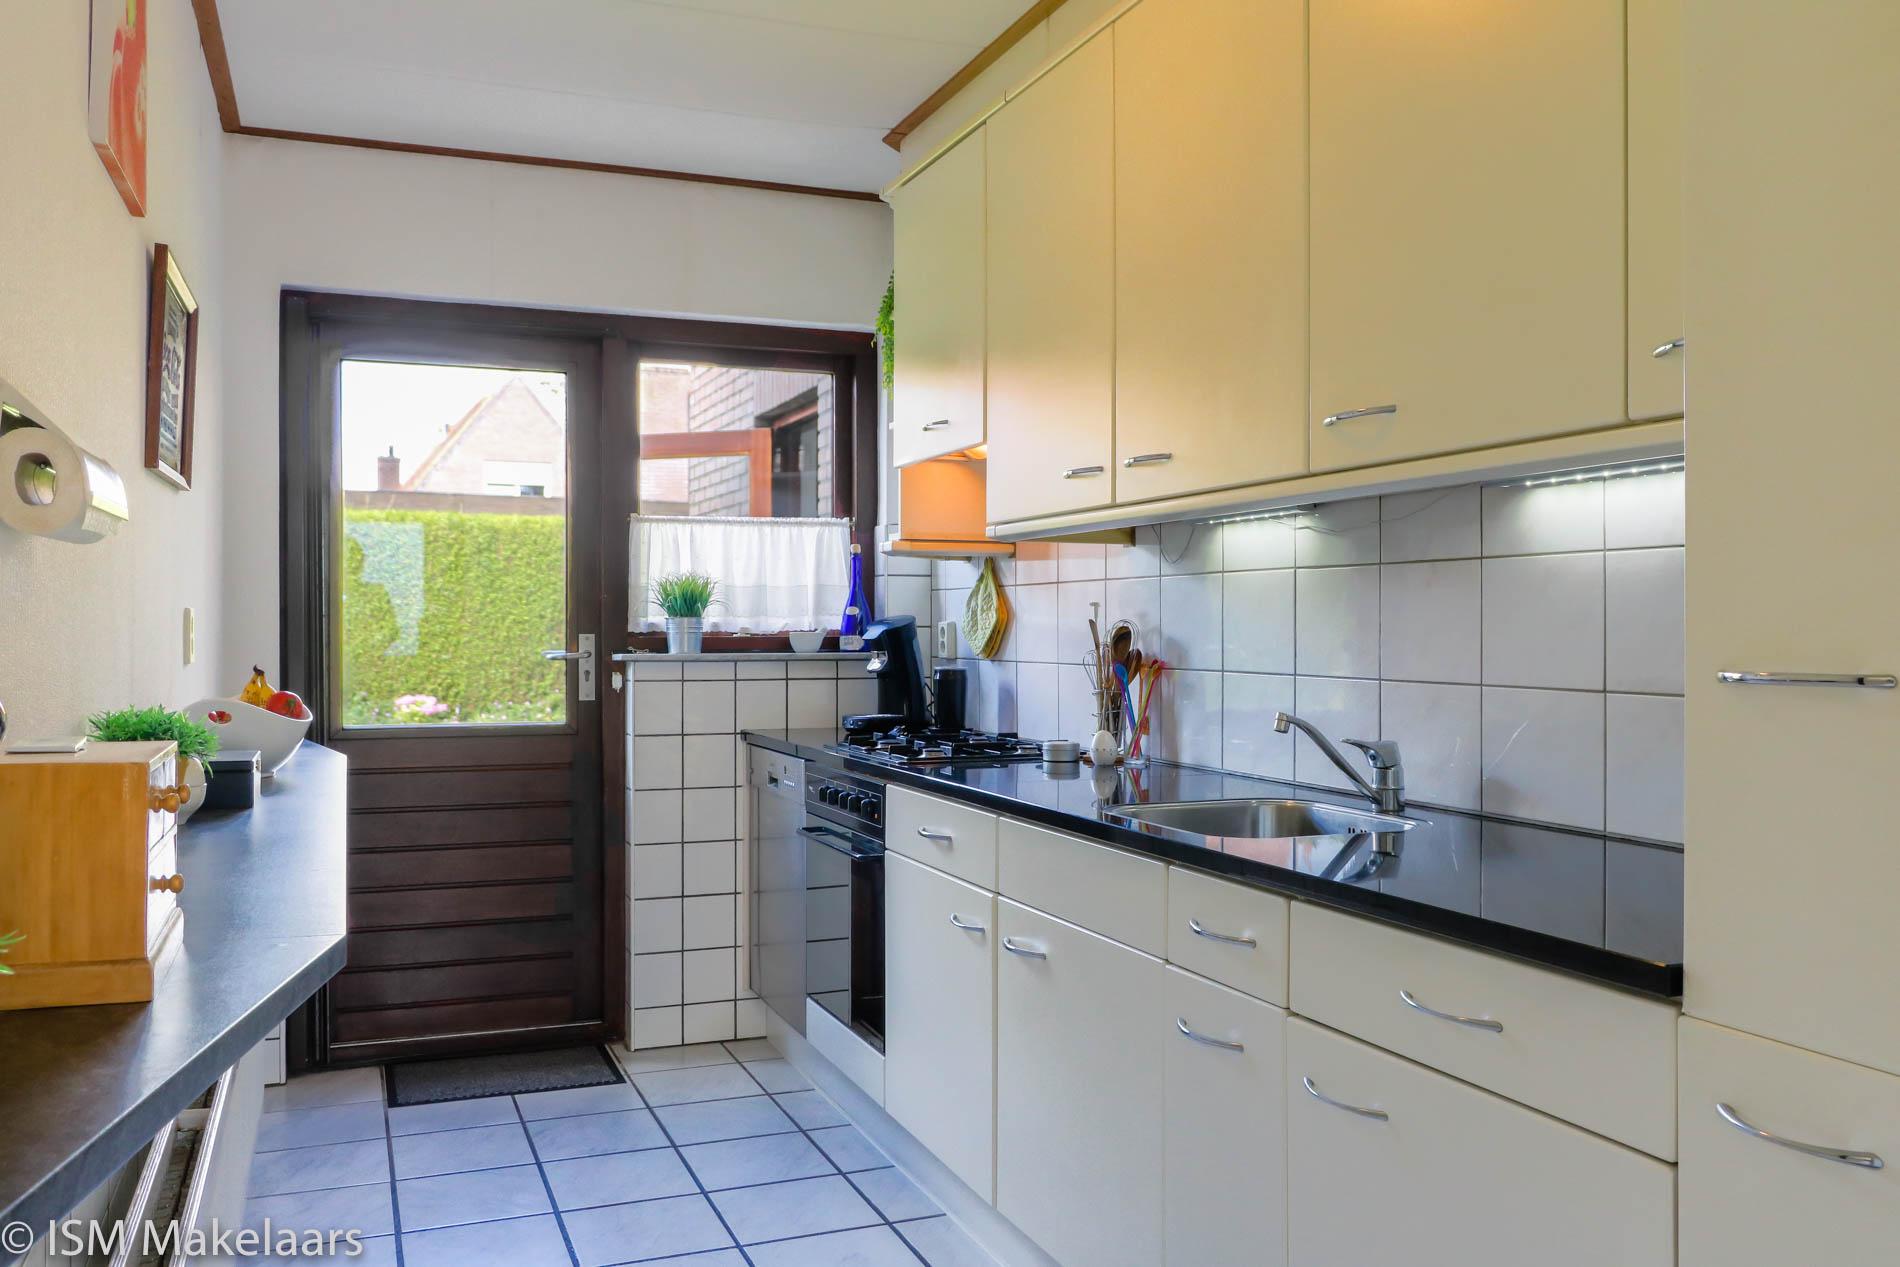 keuken frank van borsselenstraat 3